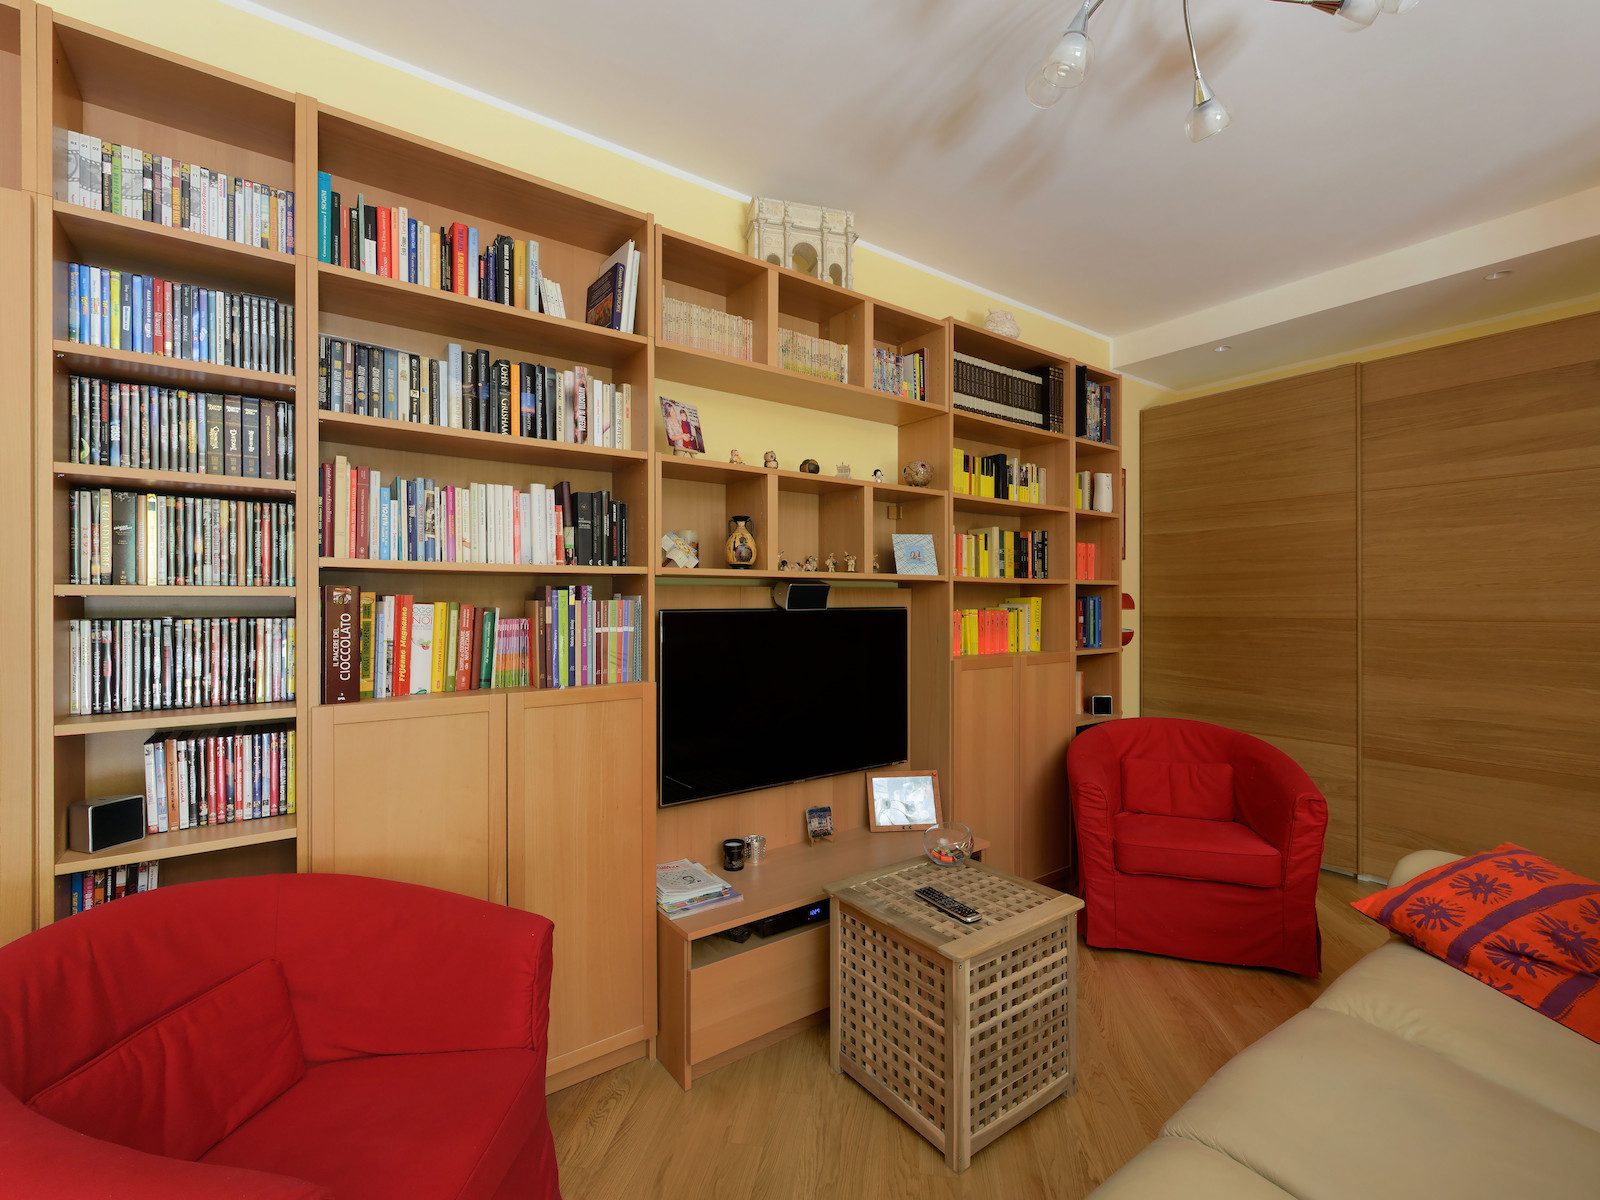 Appartamento in affitto a Folignano, 9 locali, zona Località: VillaPigna, prezzo € 190.000   CambioCasa.it